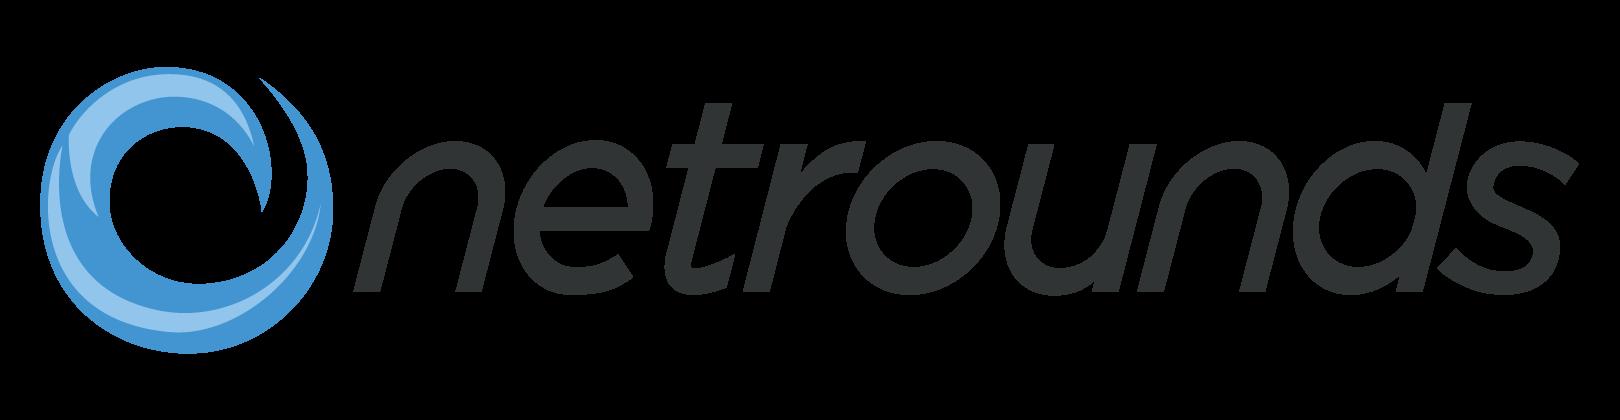 Netrounds logo